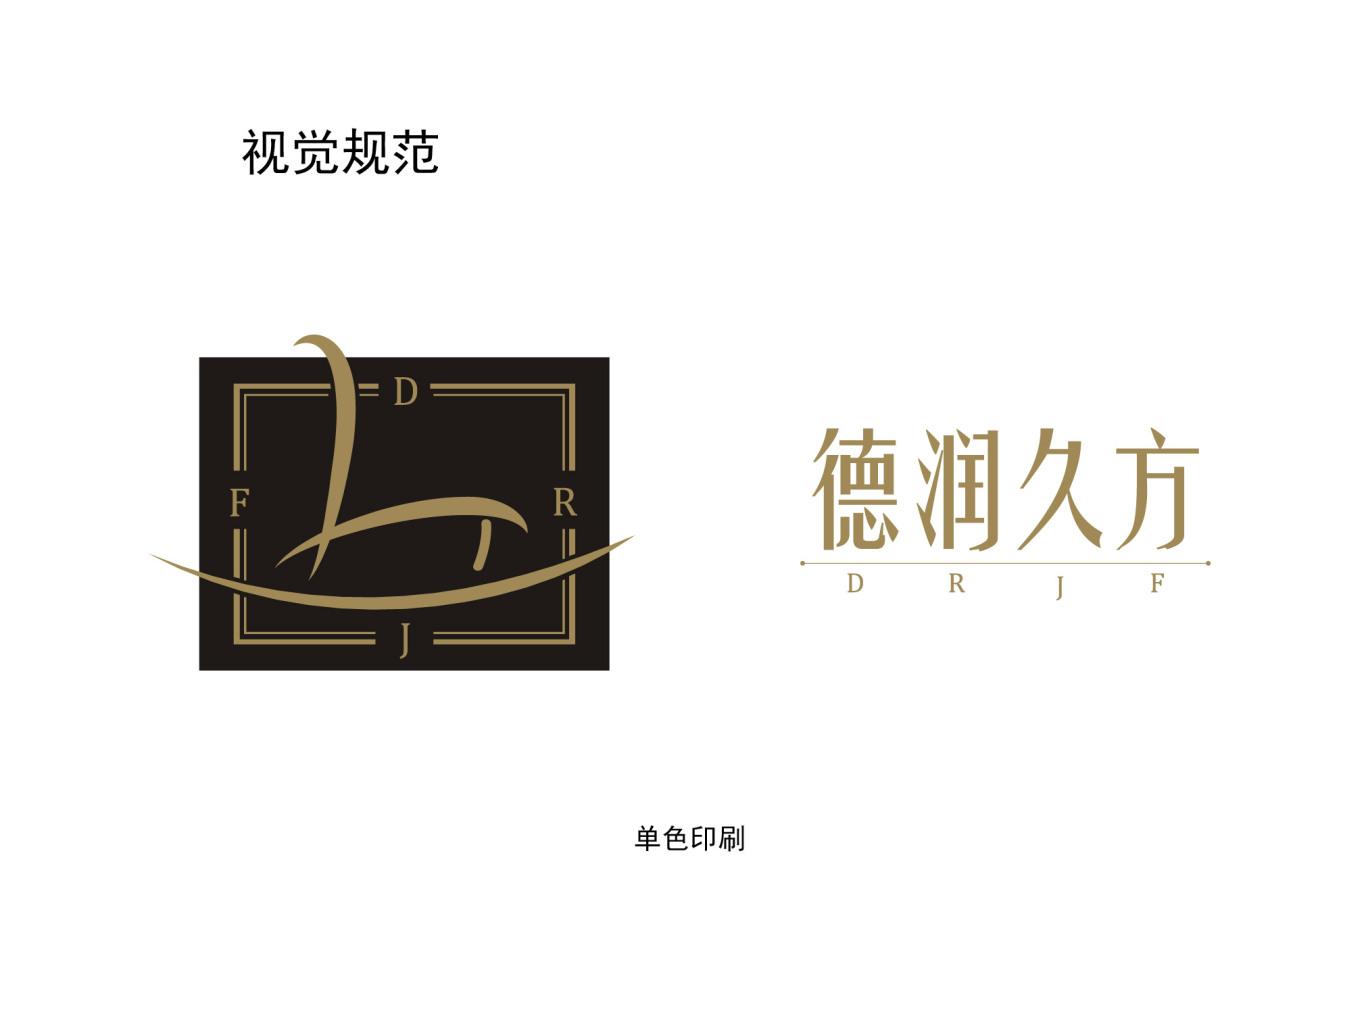 德润久方logo设计图6